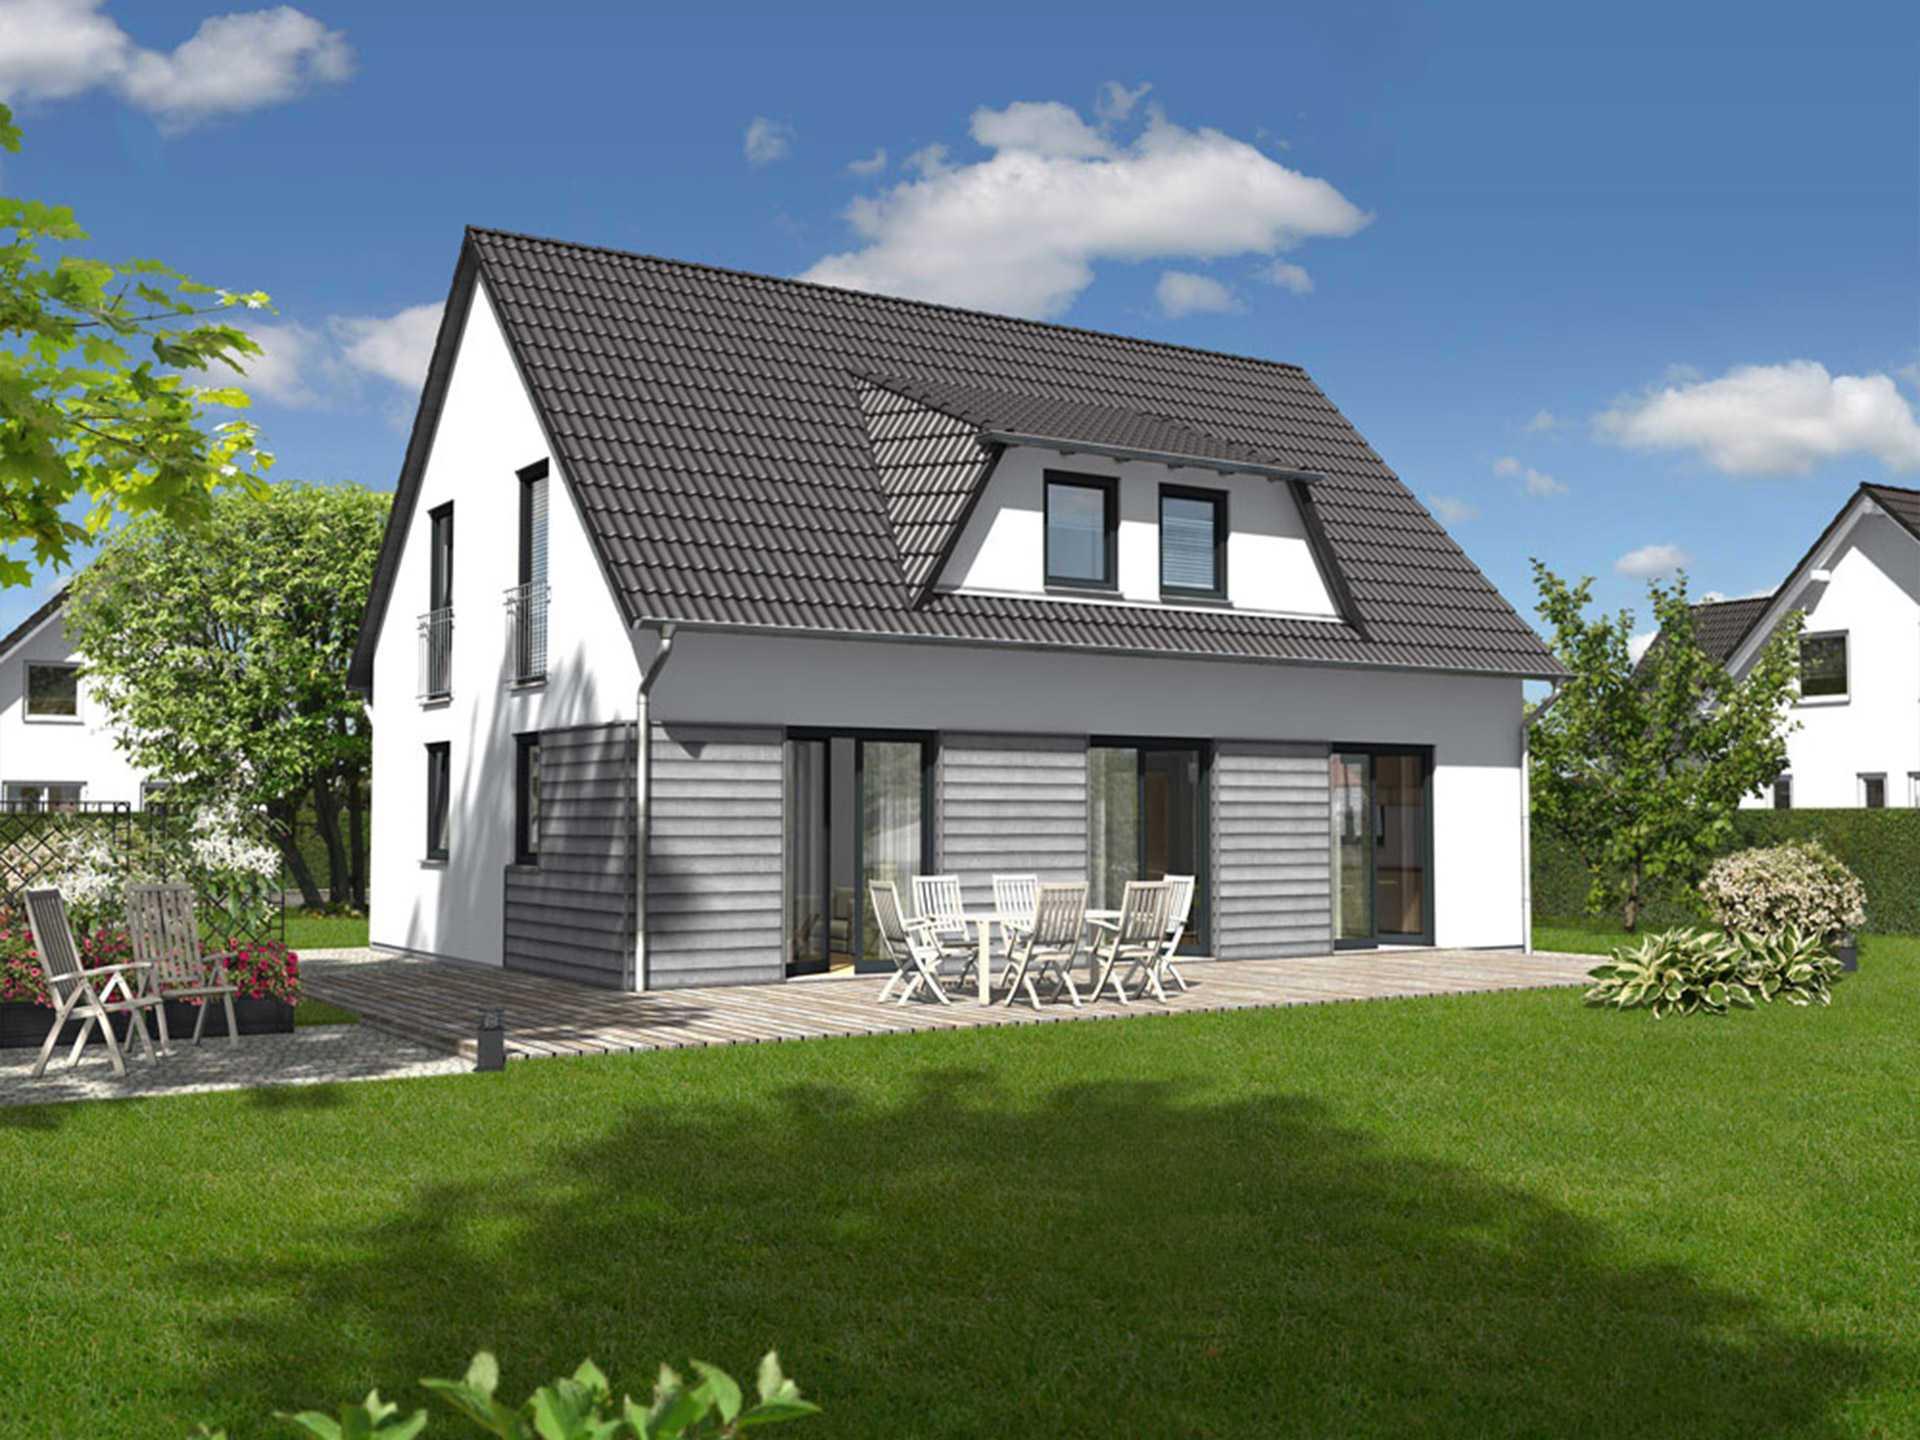 Landhaus 142 Elegance A1 von Nickol Hausbau - Town & Country Partner